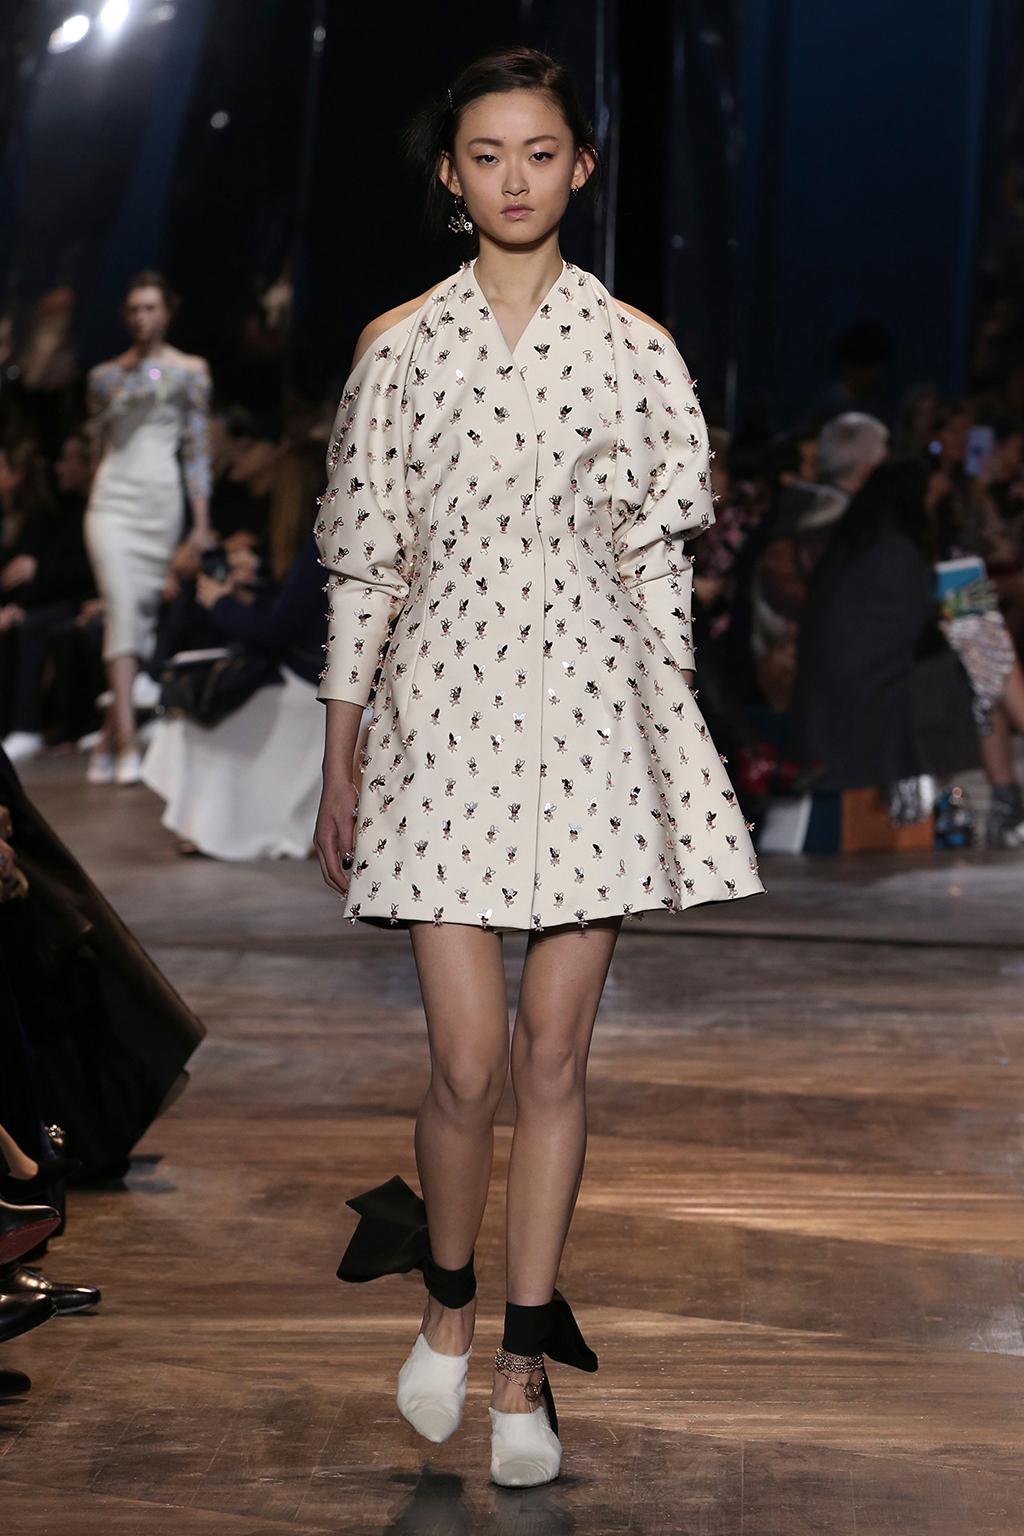 Dior-Couture-Silhouette-16